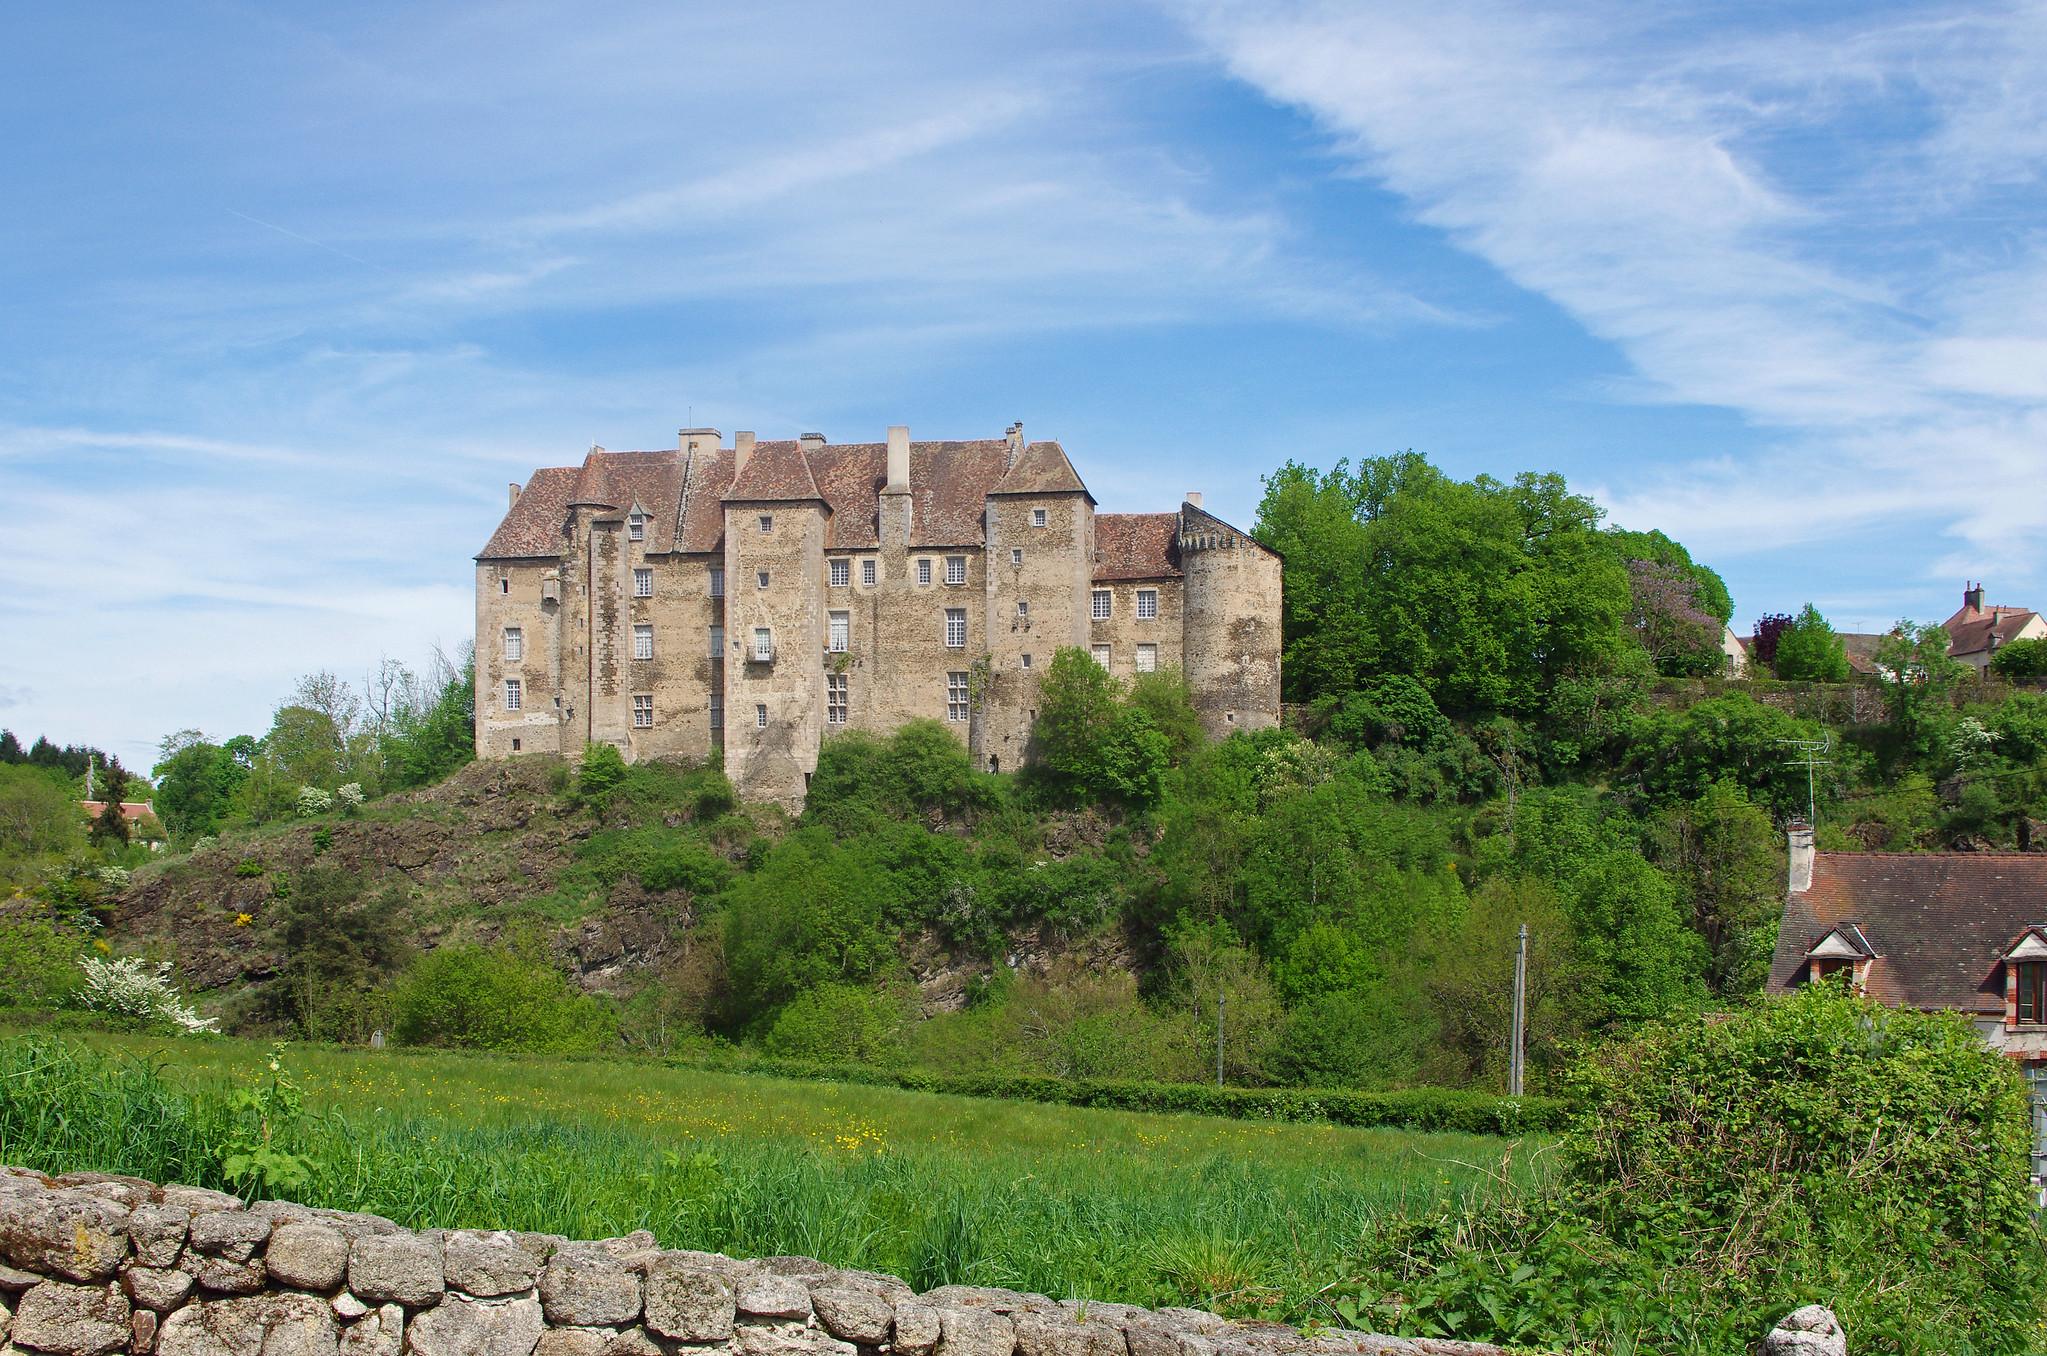 Chateau de Boussac dans la Creuse - photo originale de Daniel Jolivet - Licence Creative Commons 2.0